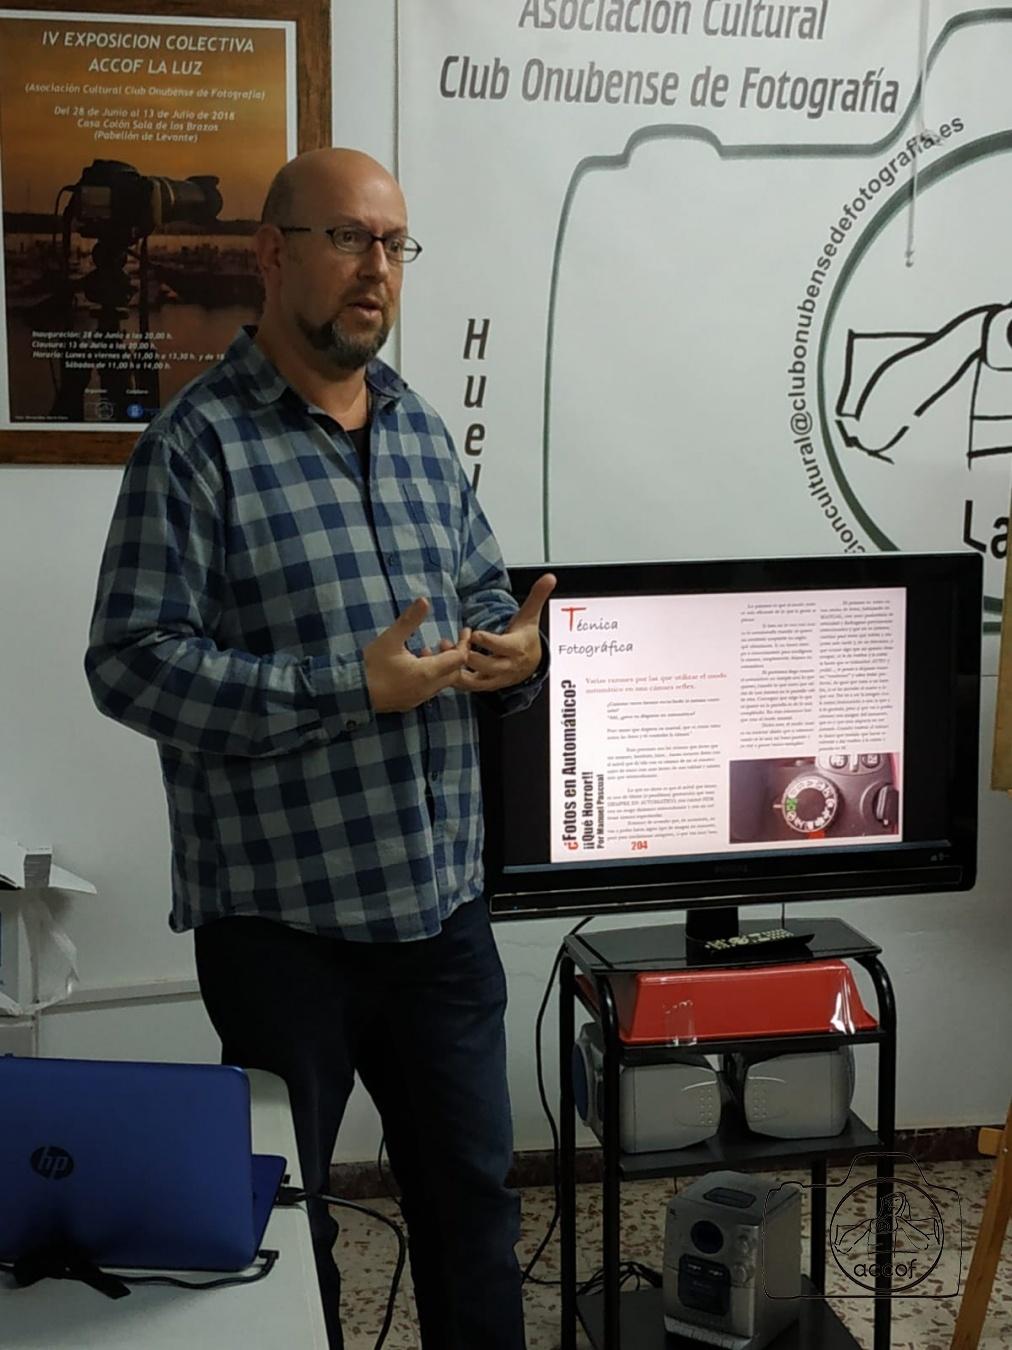 Presentada la Revista Informativa la Luz - ACCOF la Luz, Asociación Cultural Club Onubense de Fotografía la Luz